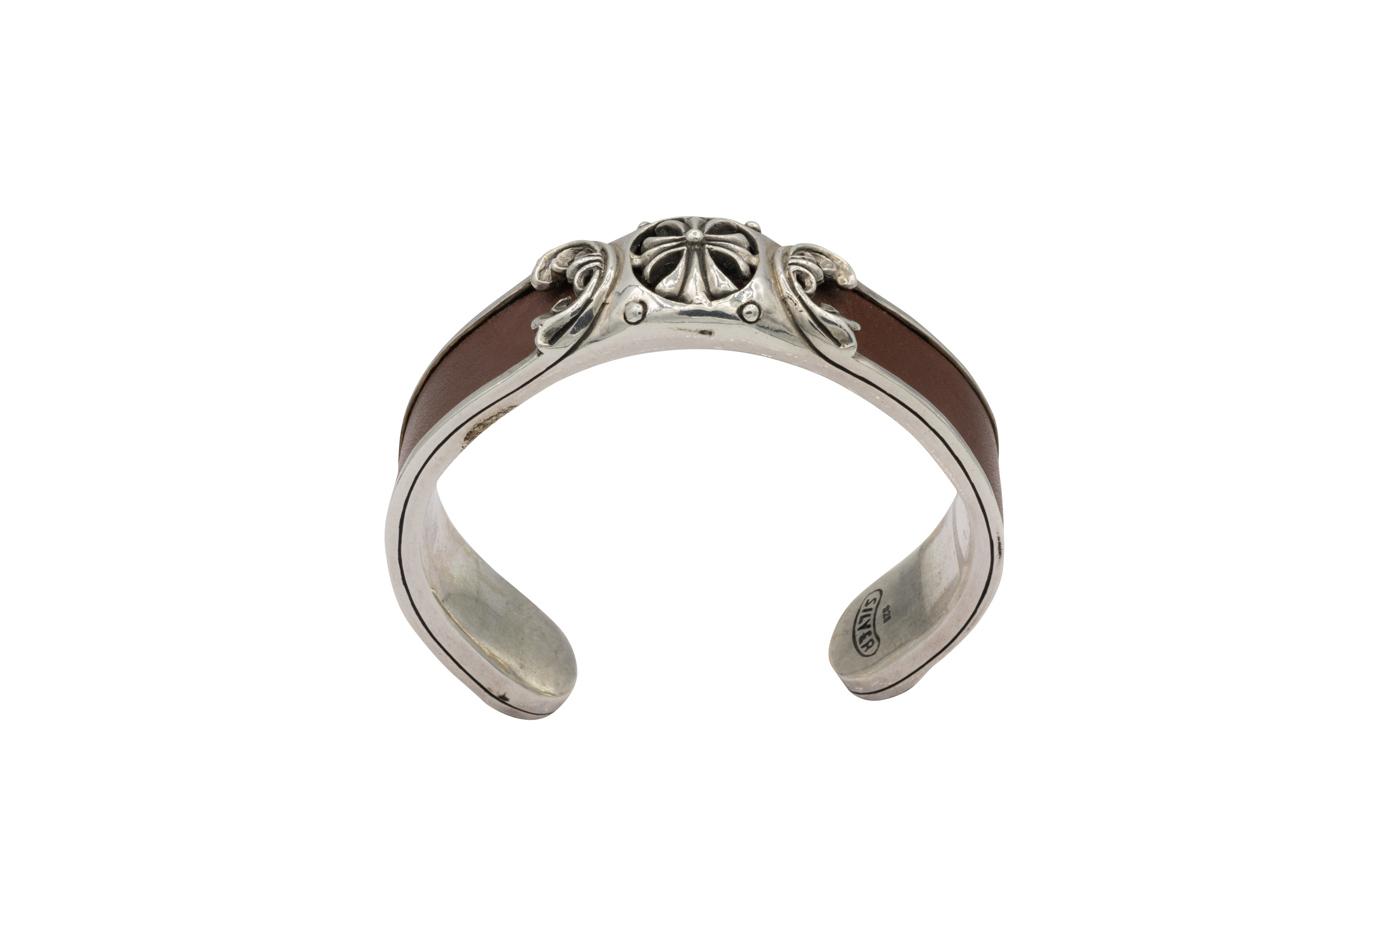 Leather and silver fleur-de-lis bracelet Harley Dadvinson-Café